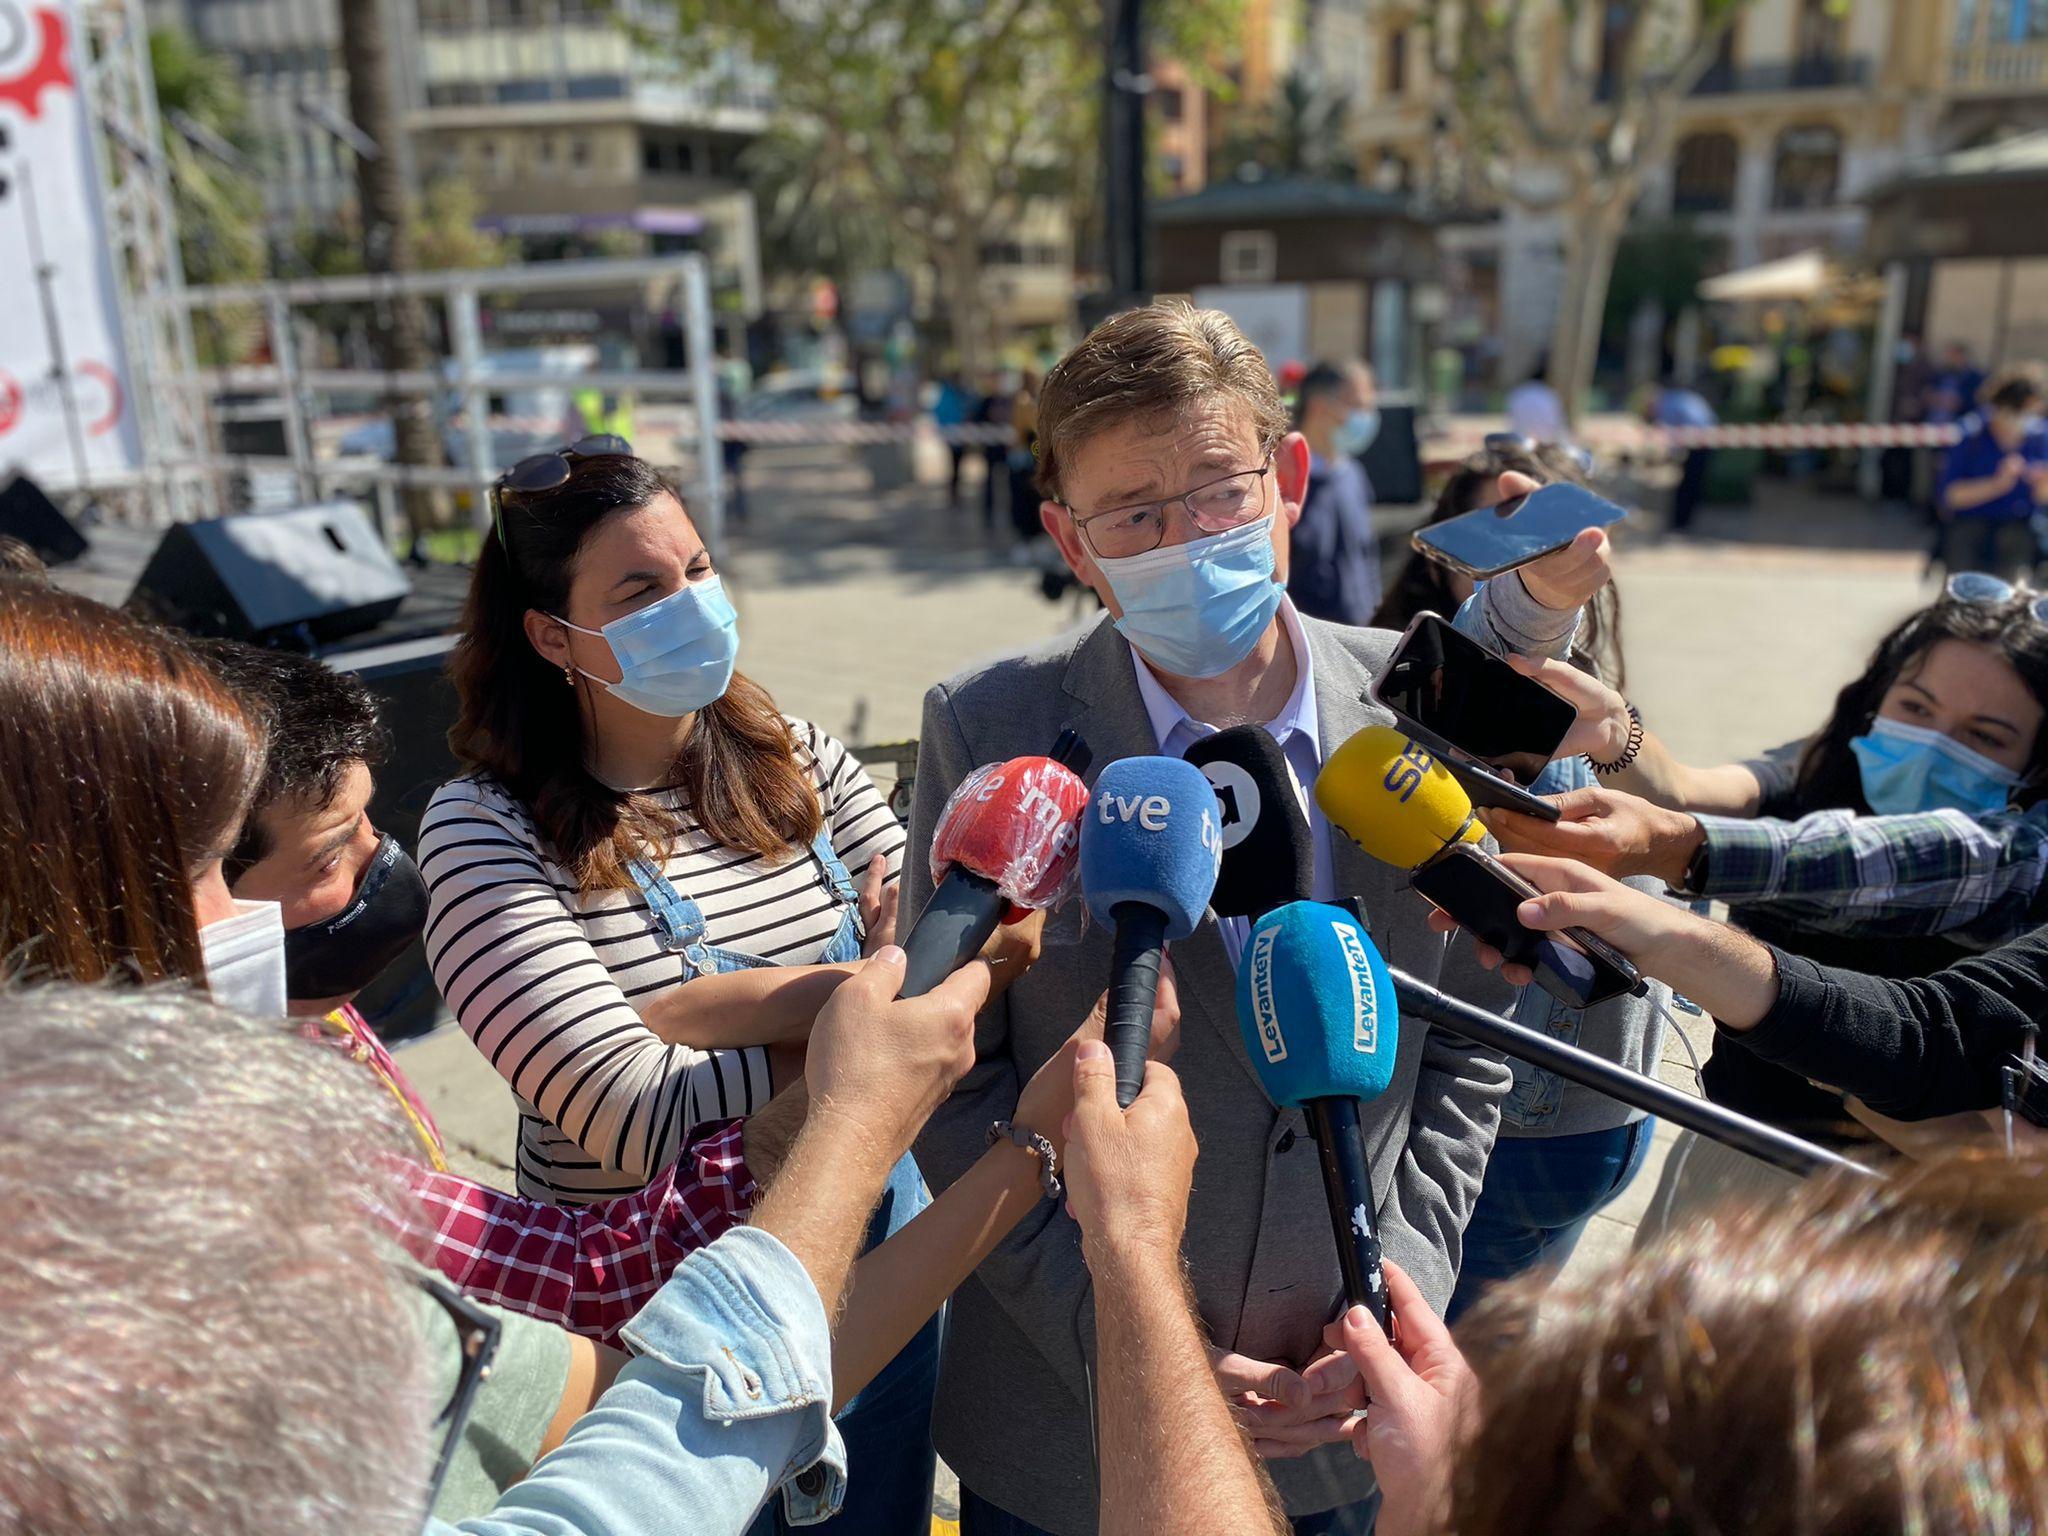 """Ximo Puig destaca """"la voluntad y el compromiso"""" de salir de la crisis sanitaria """"unidos, cohesionados y sin generar más fractura social"""""""